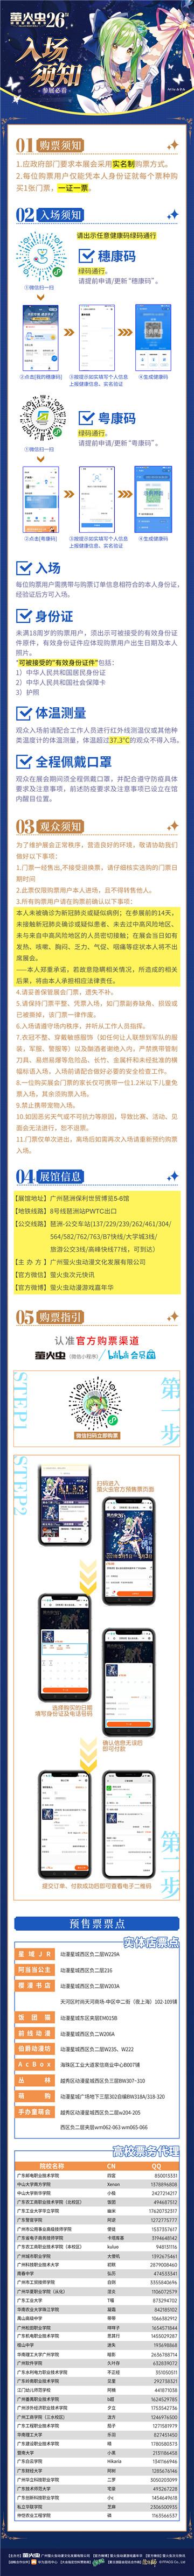 萤火虫动漫游戏嘉年华 五一漫展全情报公开啦!